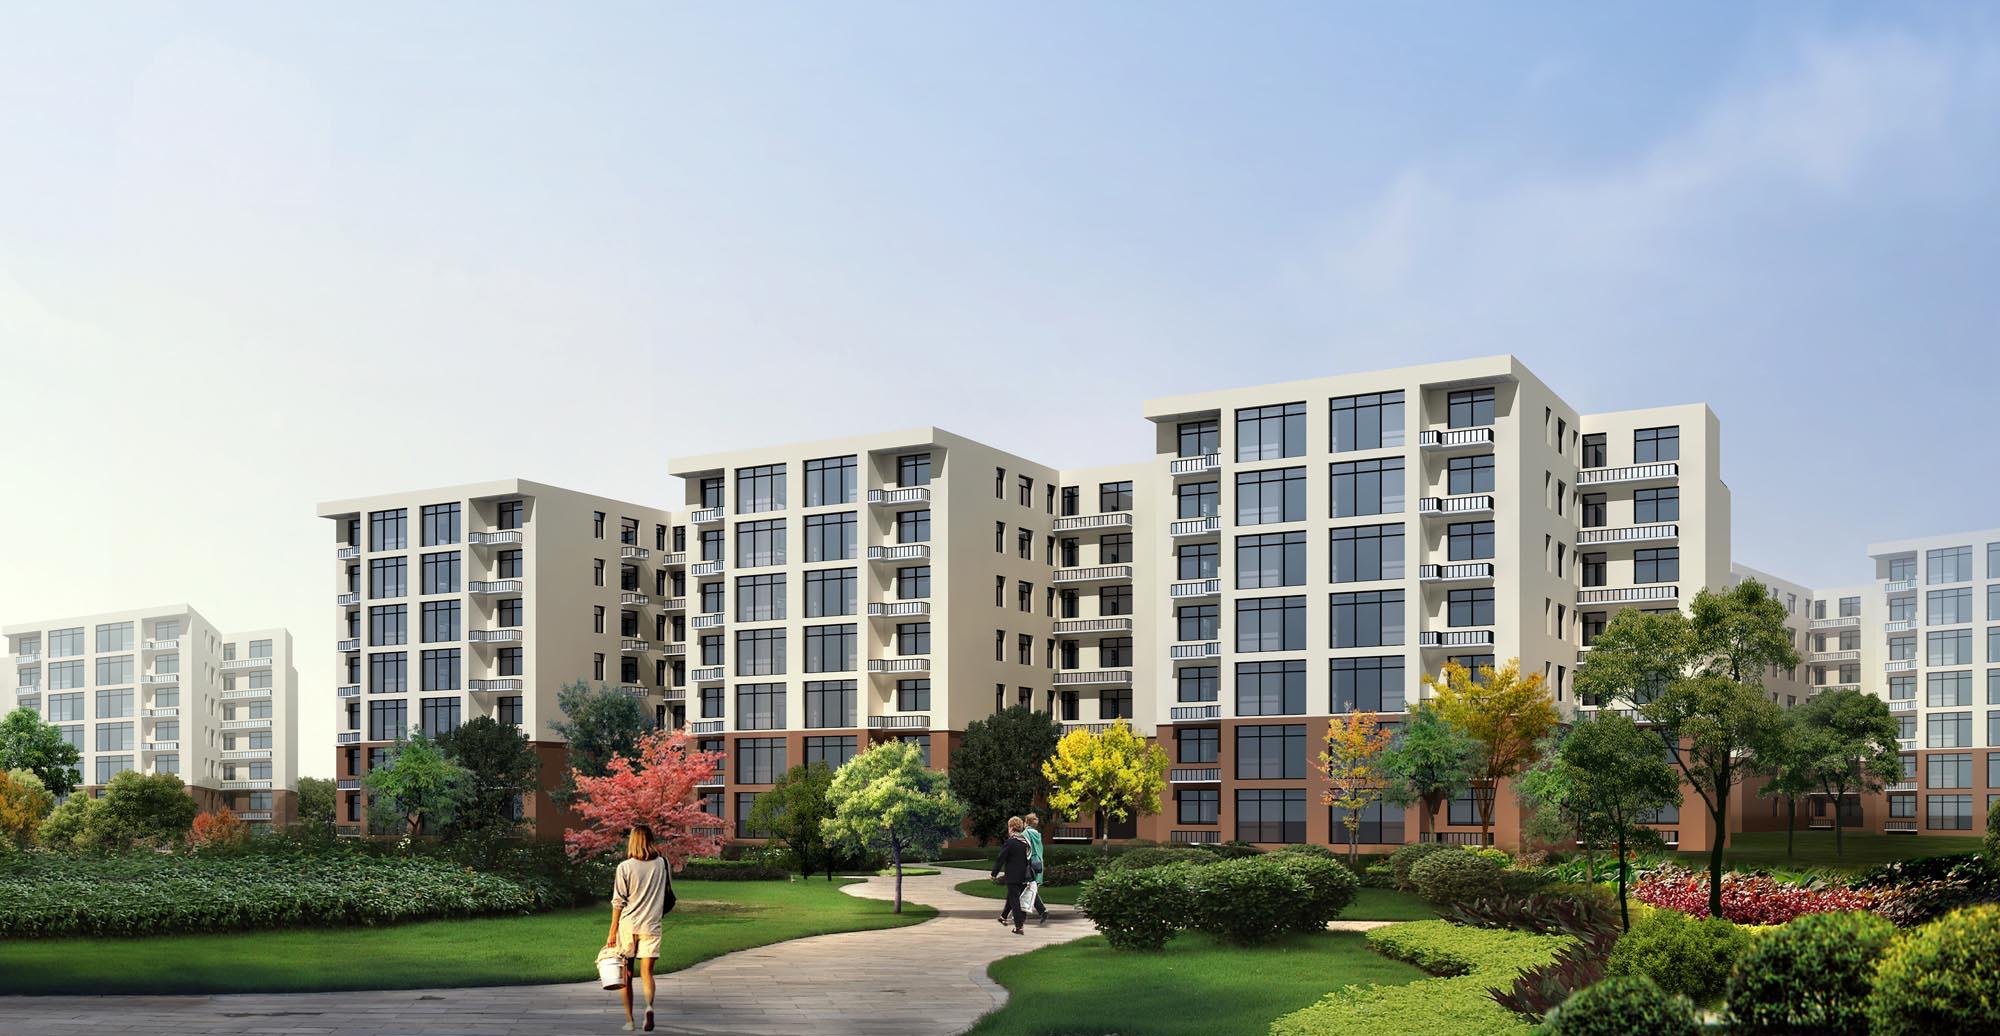 购买武汉经济适用房的时候可以贷款吗?